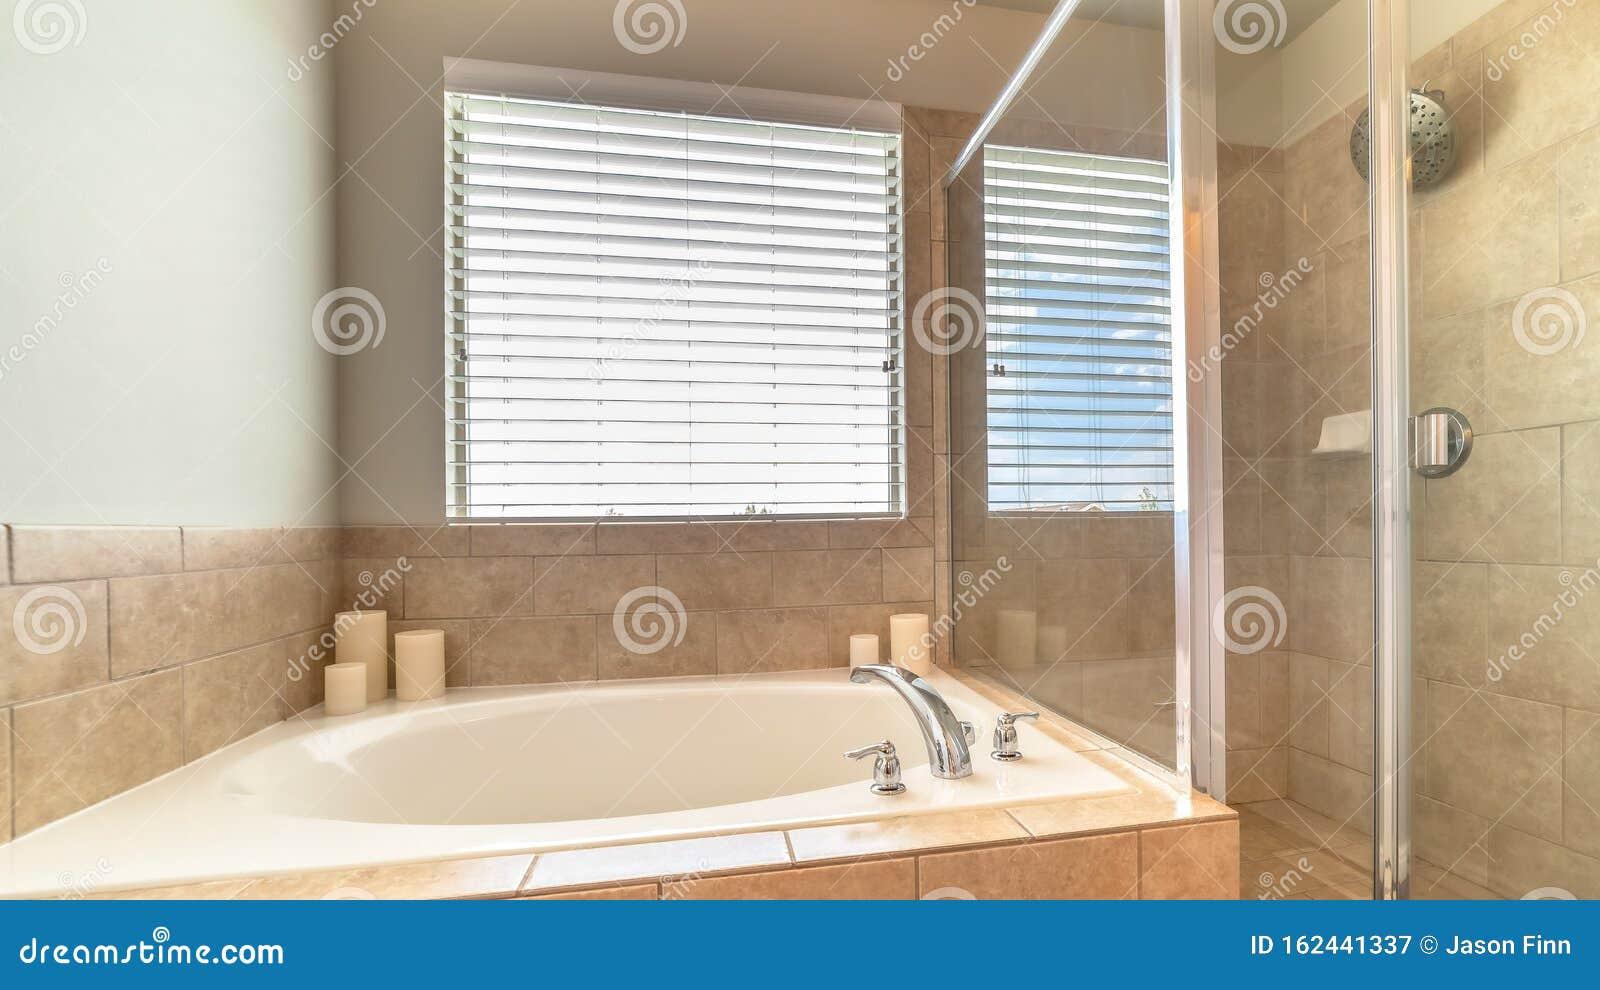 Panorama Die In Einer Runden Badewanne Gebaute Badewanne Befindet Sich Im Badezimmer Eines Wohnhauses Stockbild Bild Von Panorama Befindet 162441337